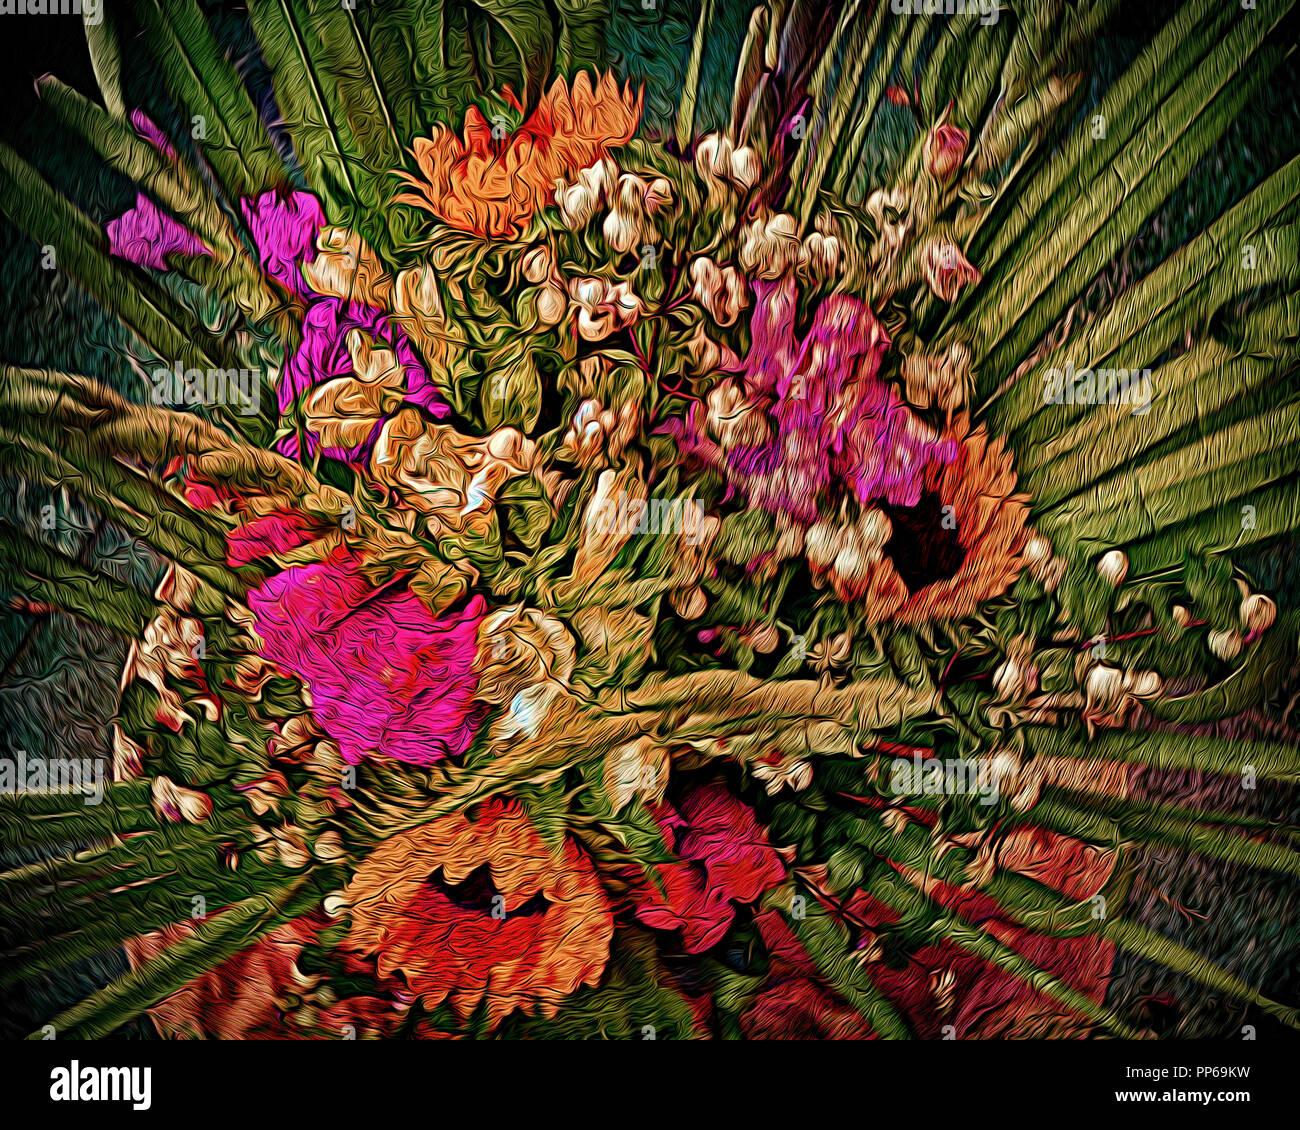 FINE ART: Flower Bouquet by Blumen-Fritz of Bad Tölz, Germany - Stock Image